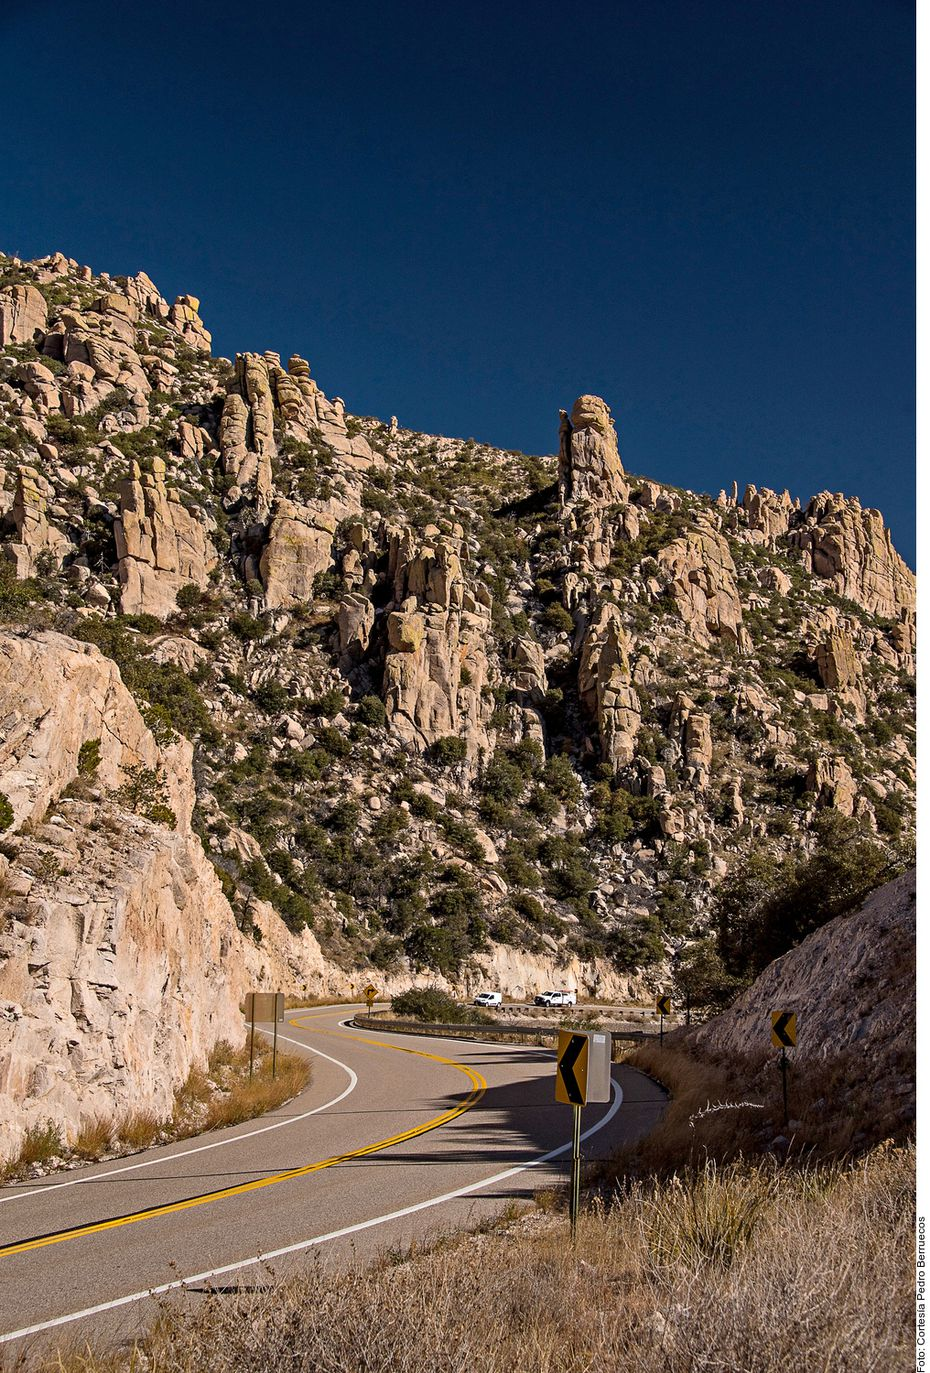 A lo largo de la Ruta 66, de unos 4 mil kilómetros de extensión, se observan maravillosos paisajes y largos tramos que evocan al infinito.